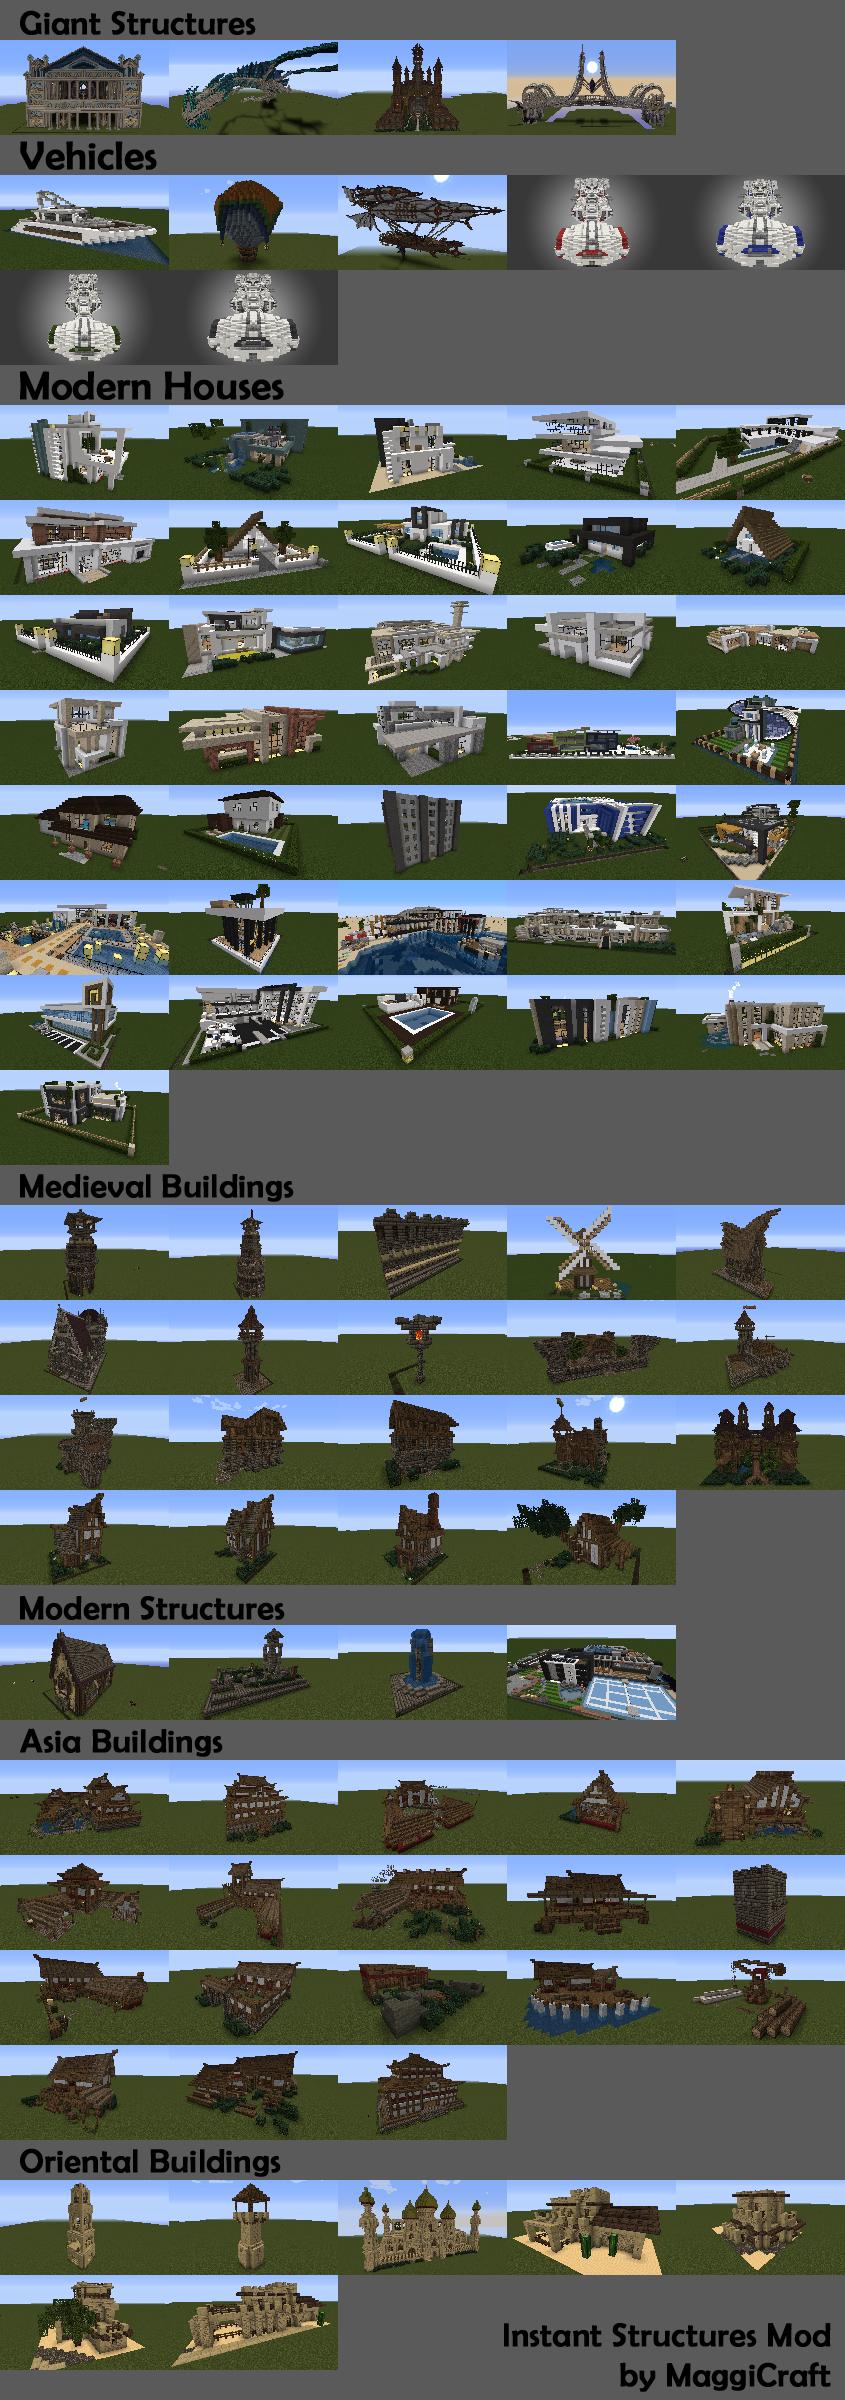 Мод Instant Structures для Minecraft 1.8.1 - 1.7.2